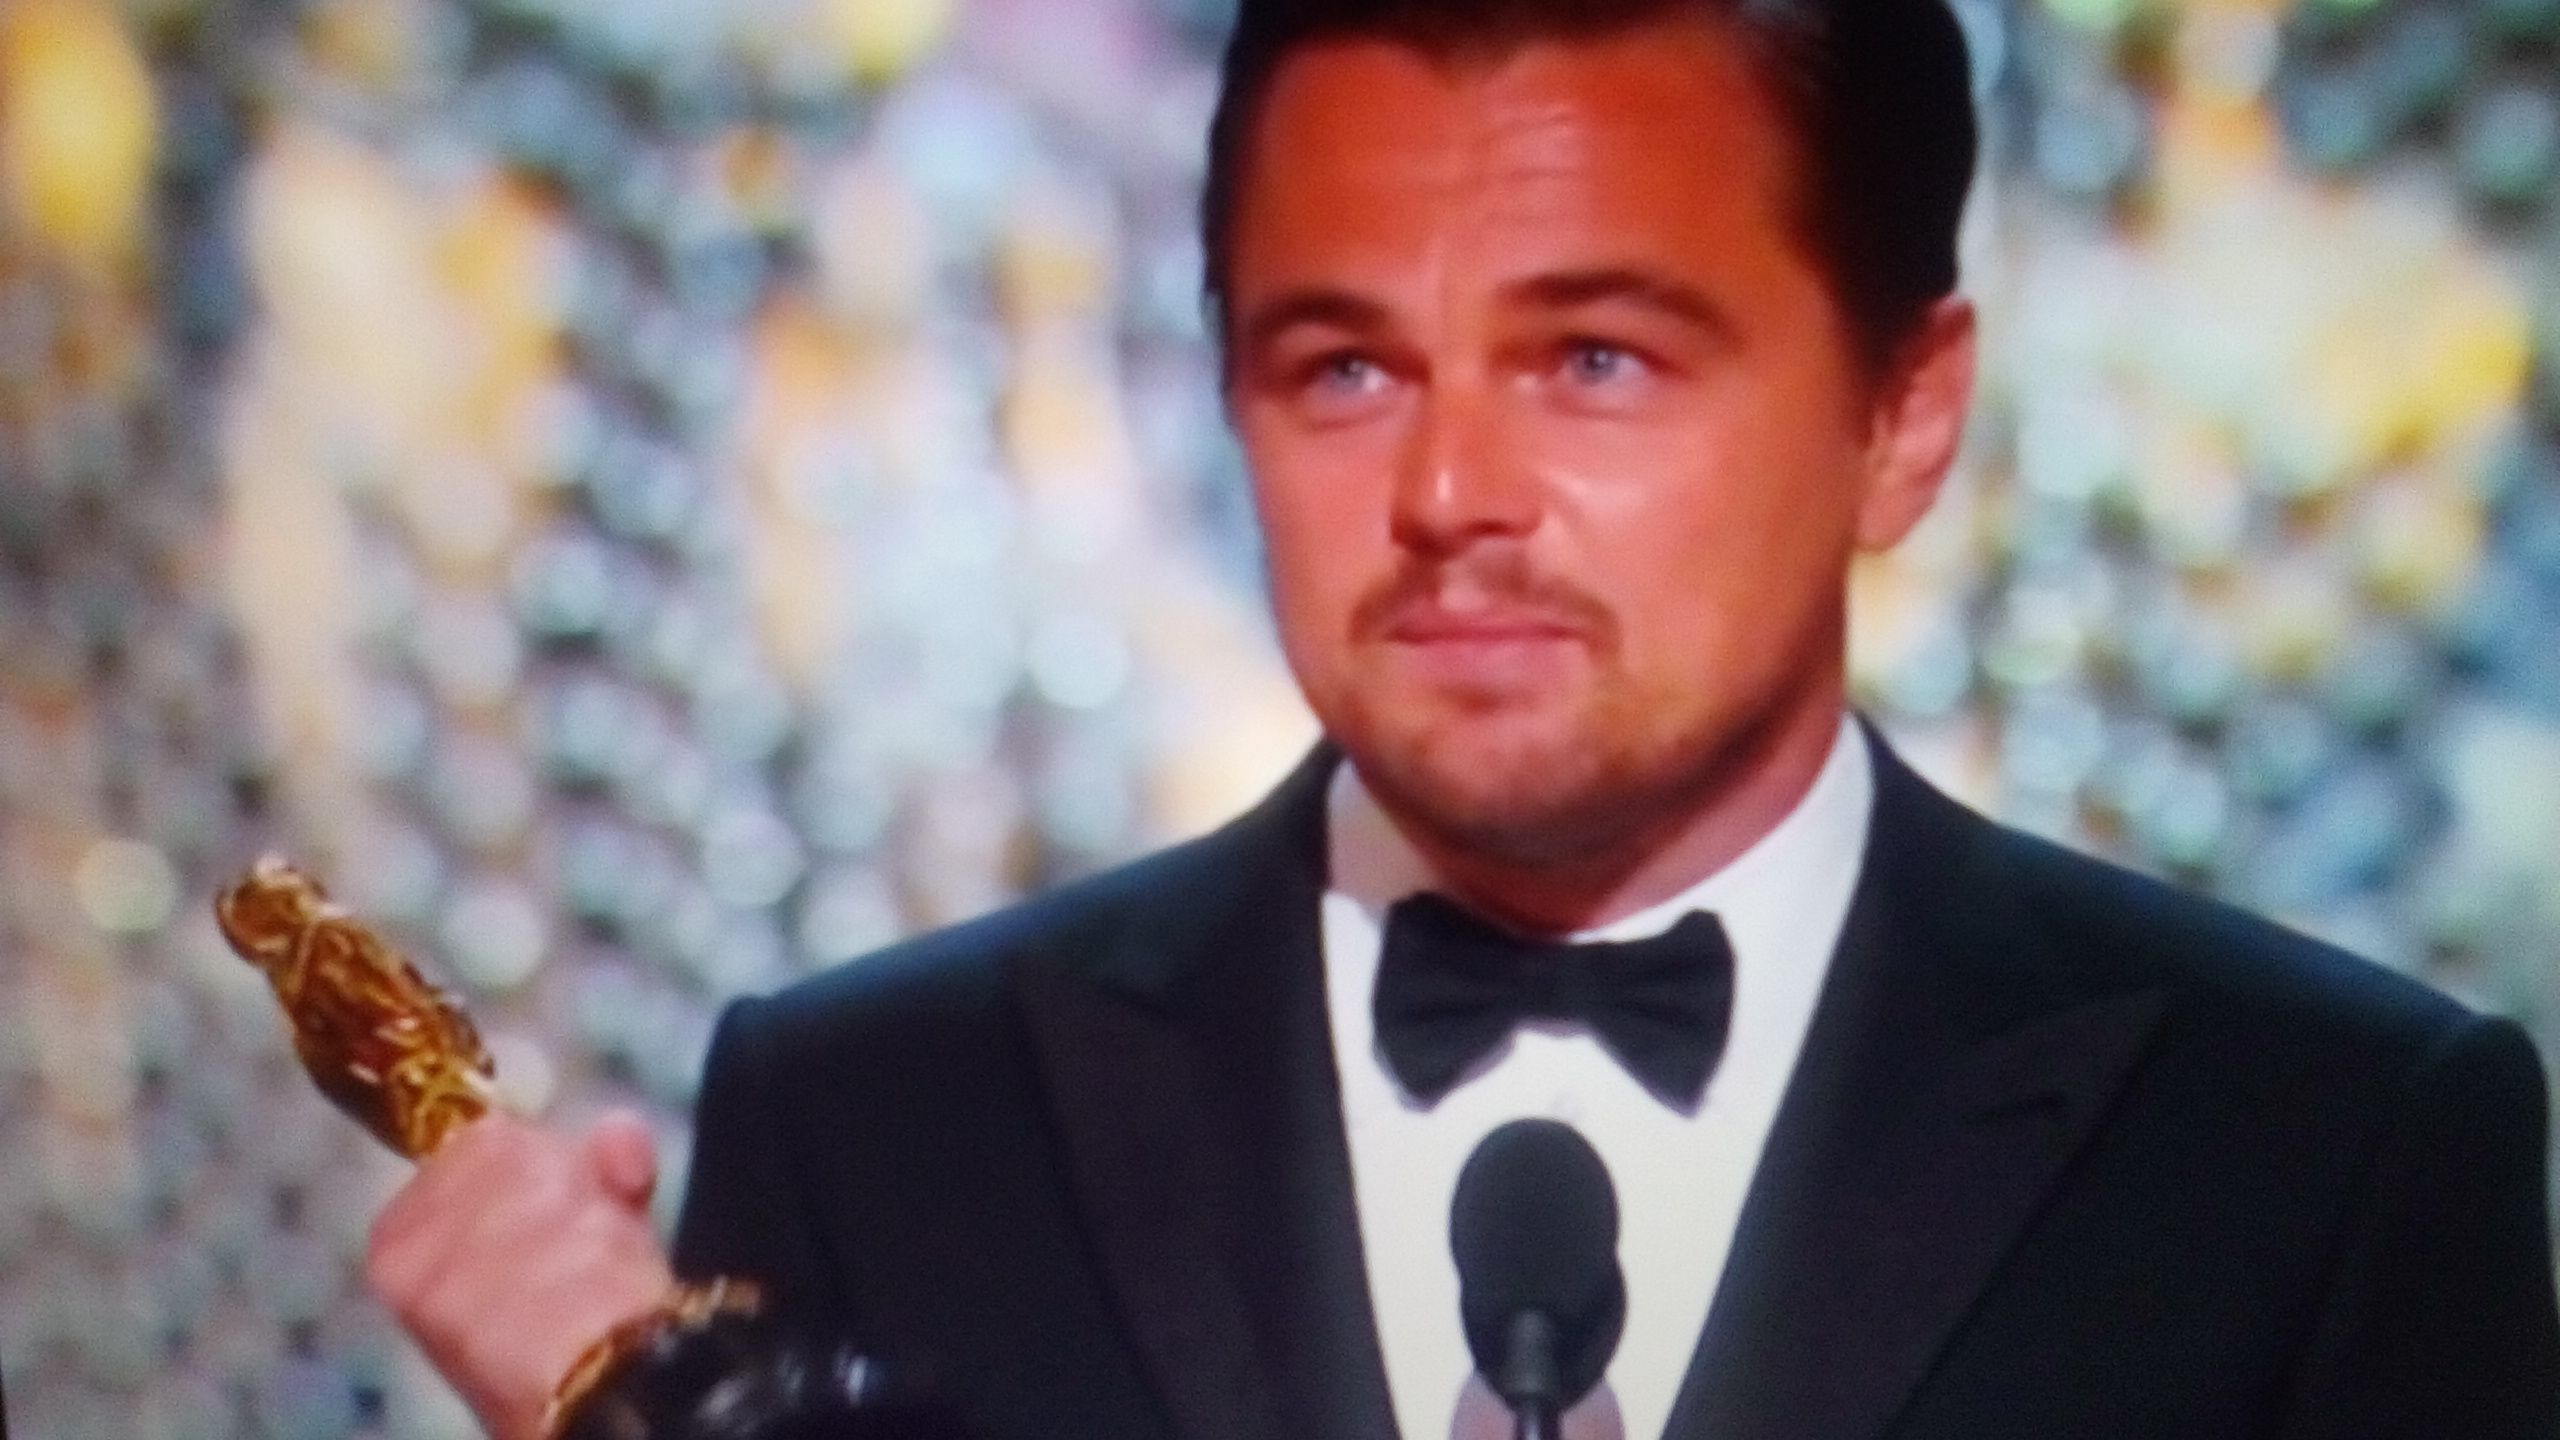 Leonardo DiCaprio vince l'Oscar come Miglior attore protagonista in The Revenant: la sofferenza paga